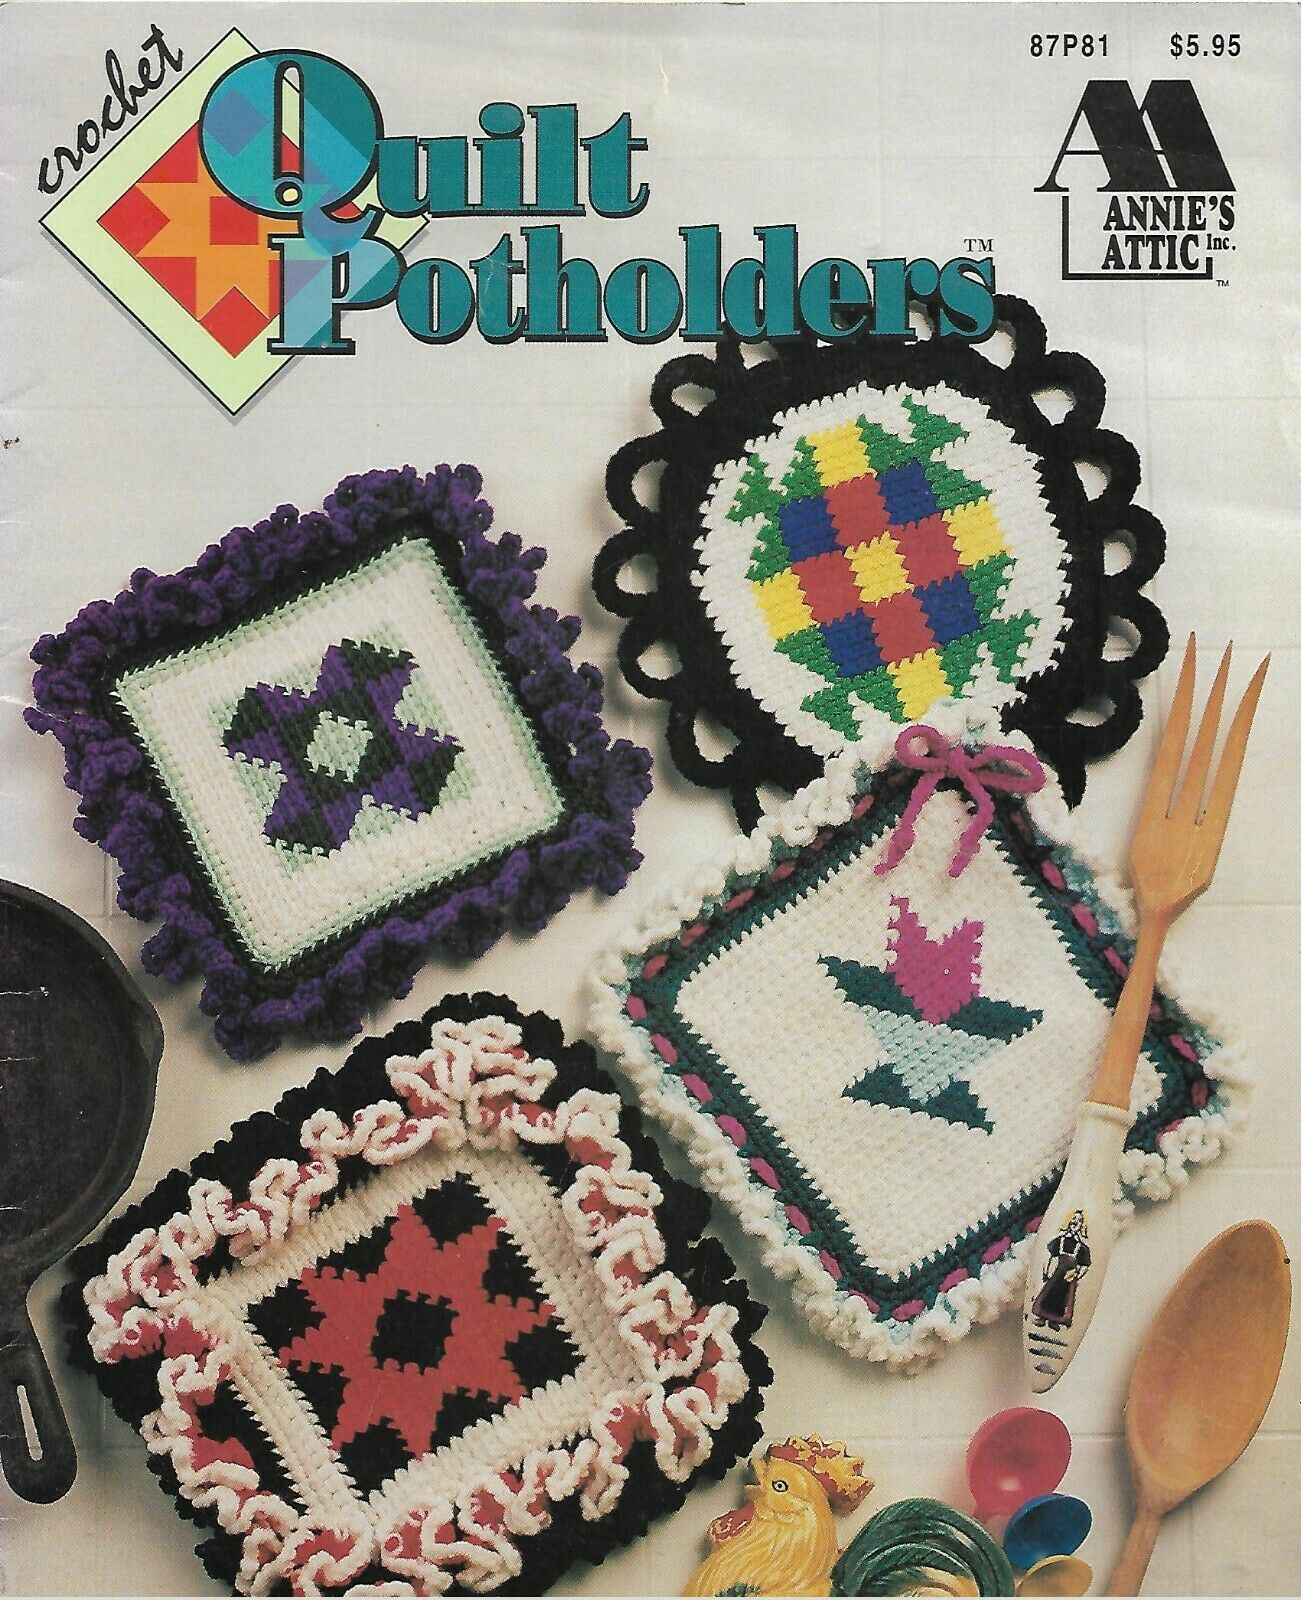 Annie's Attic Crochet-Quilt Potholders - $5.86